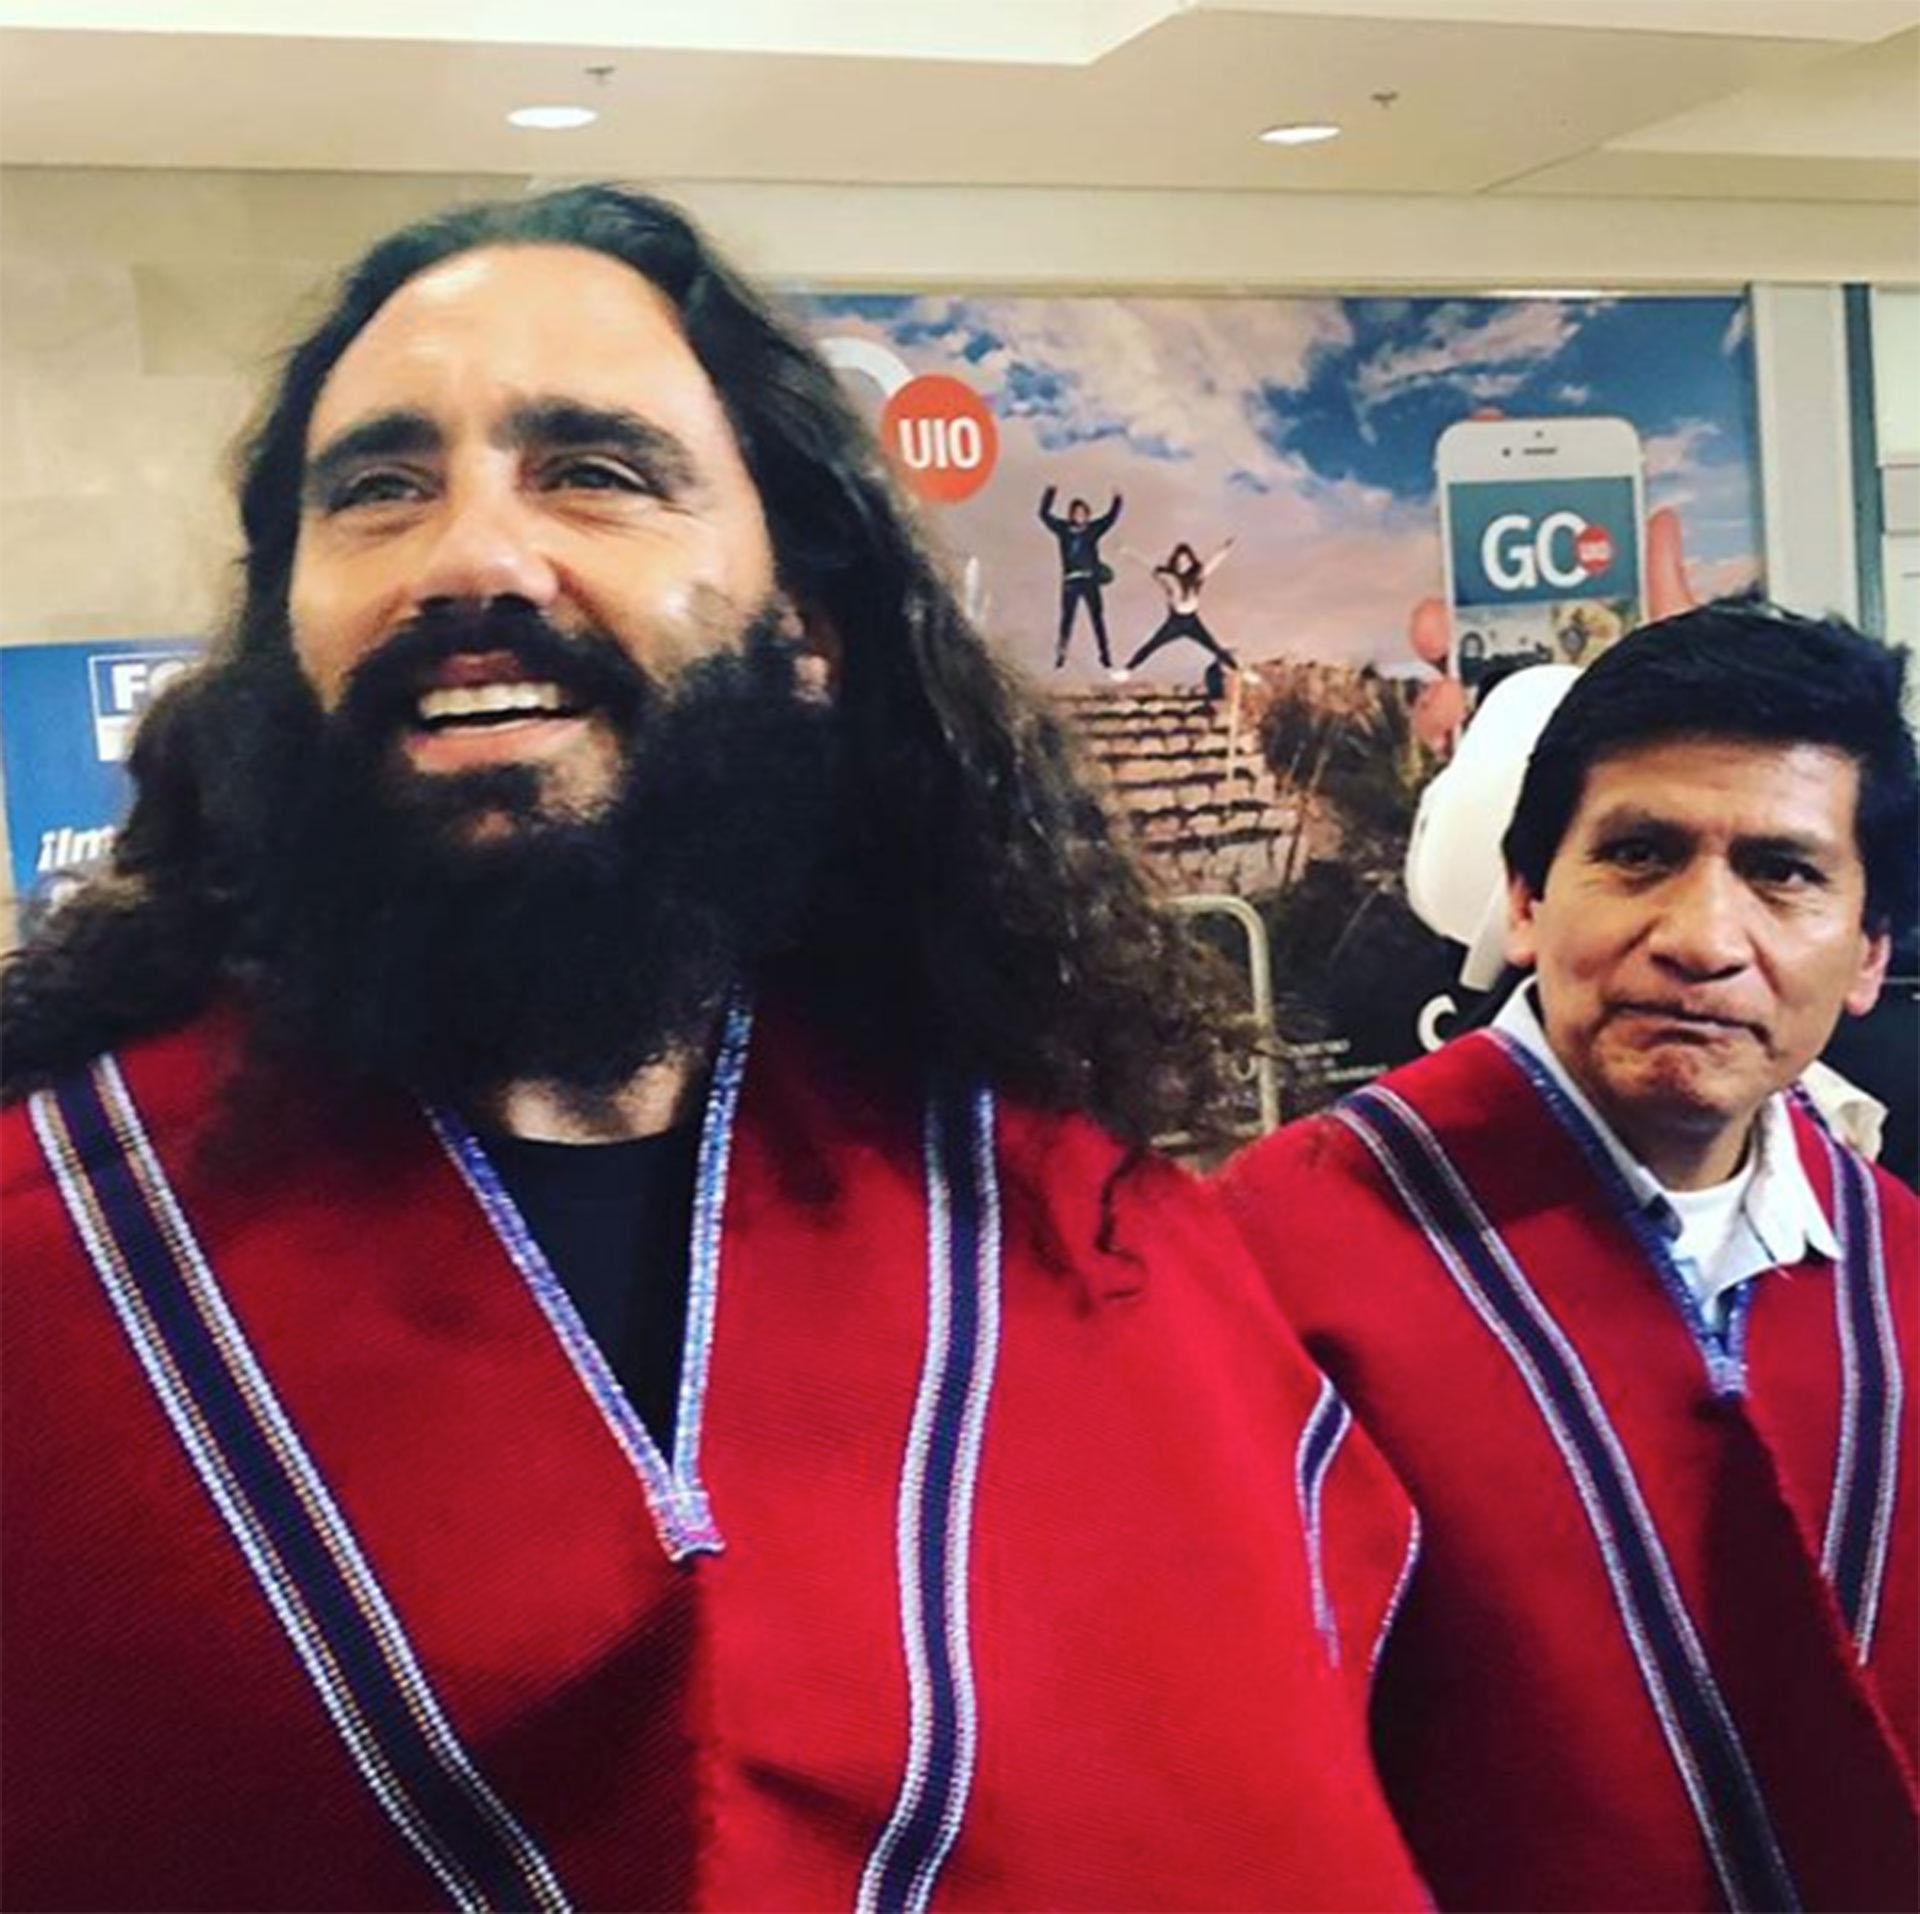 """El exjugador está comprometido con varias causas sociales. Acá, en Ecuador, apoyando al equipo de fútbol """"Mushuc Runa"""" de la comunidad indígena."""